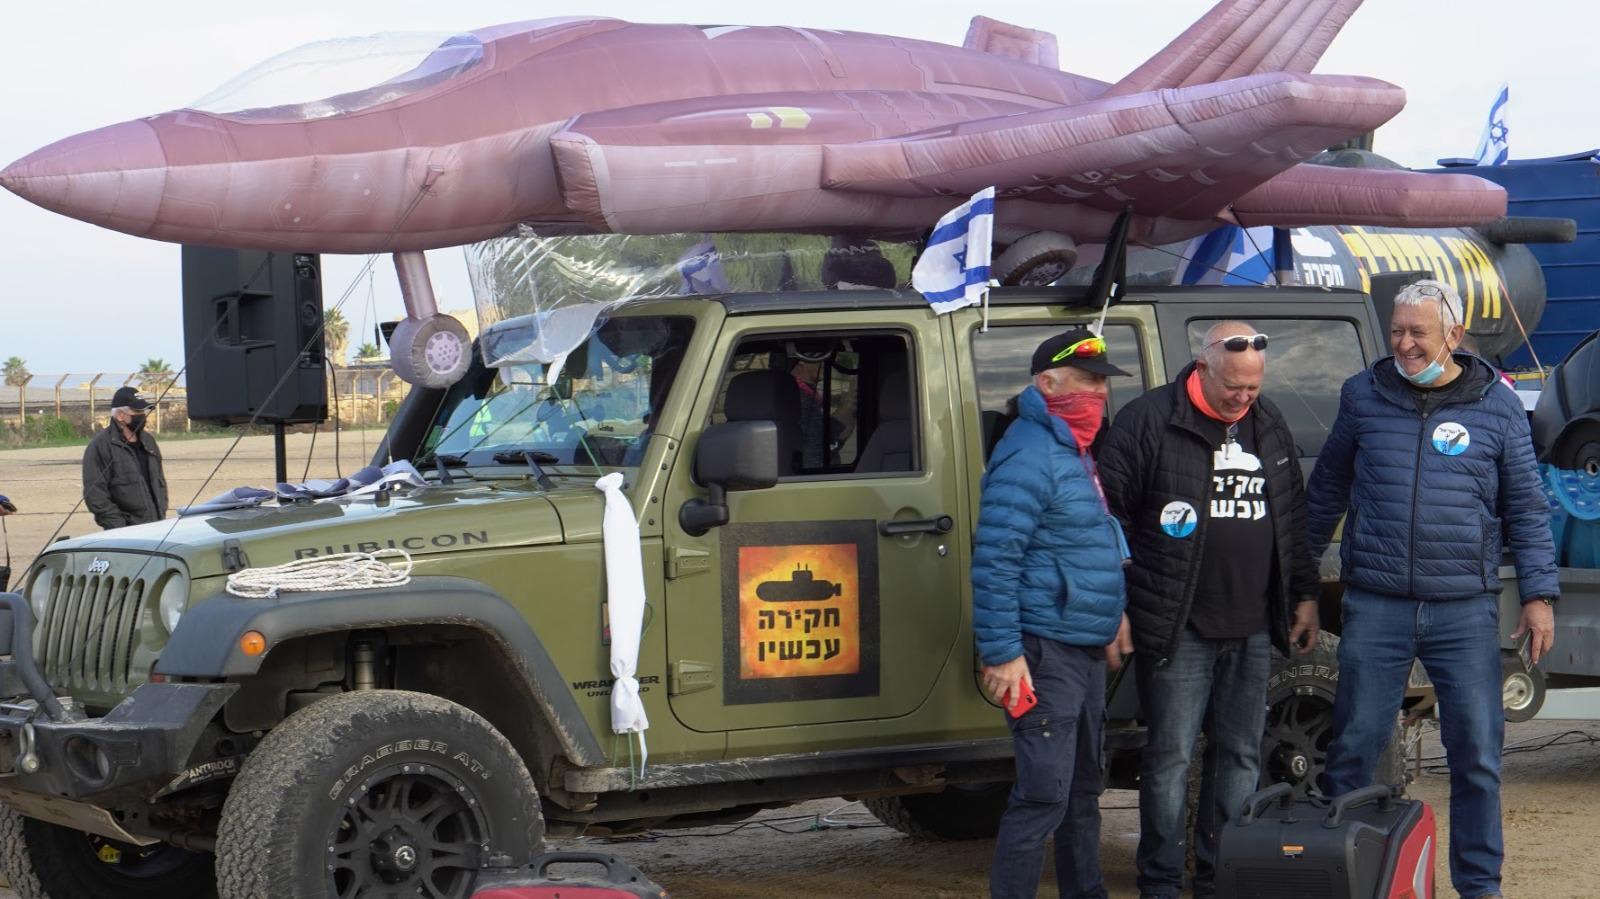 שיירת כלי רכב עם מייצגים בקריאה לפתיחת ועדת חקירה בפרשת הצוללות / צילום: חקירה עכשיו